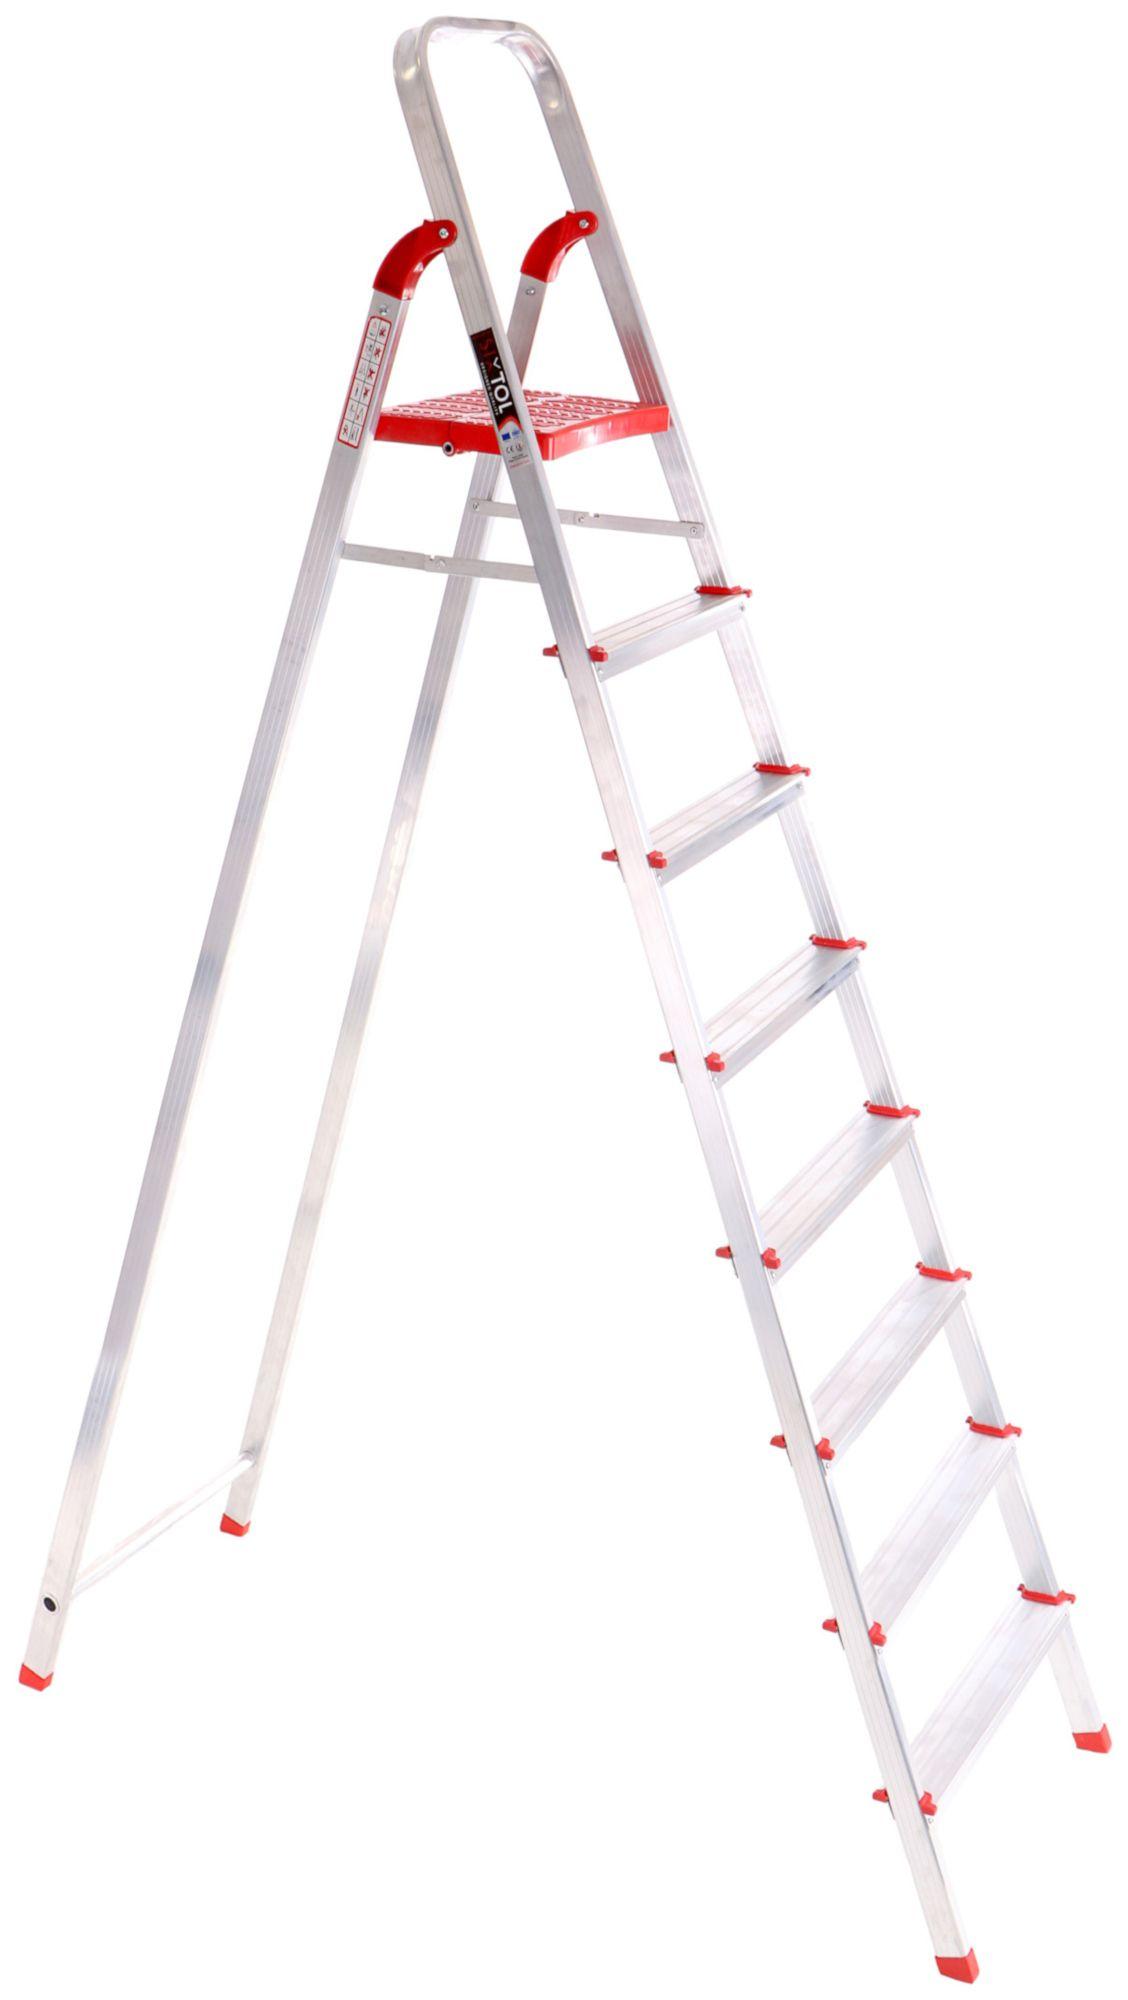 Schůdky hliníkové skládací ALU STEPS 8, 8 stupňů, nejvyšší schůdek 177 cm, nosnost 120 kg